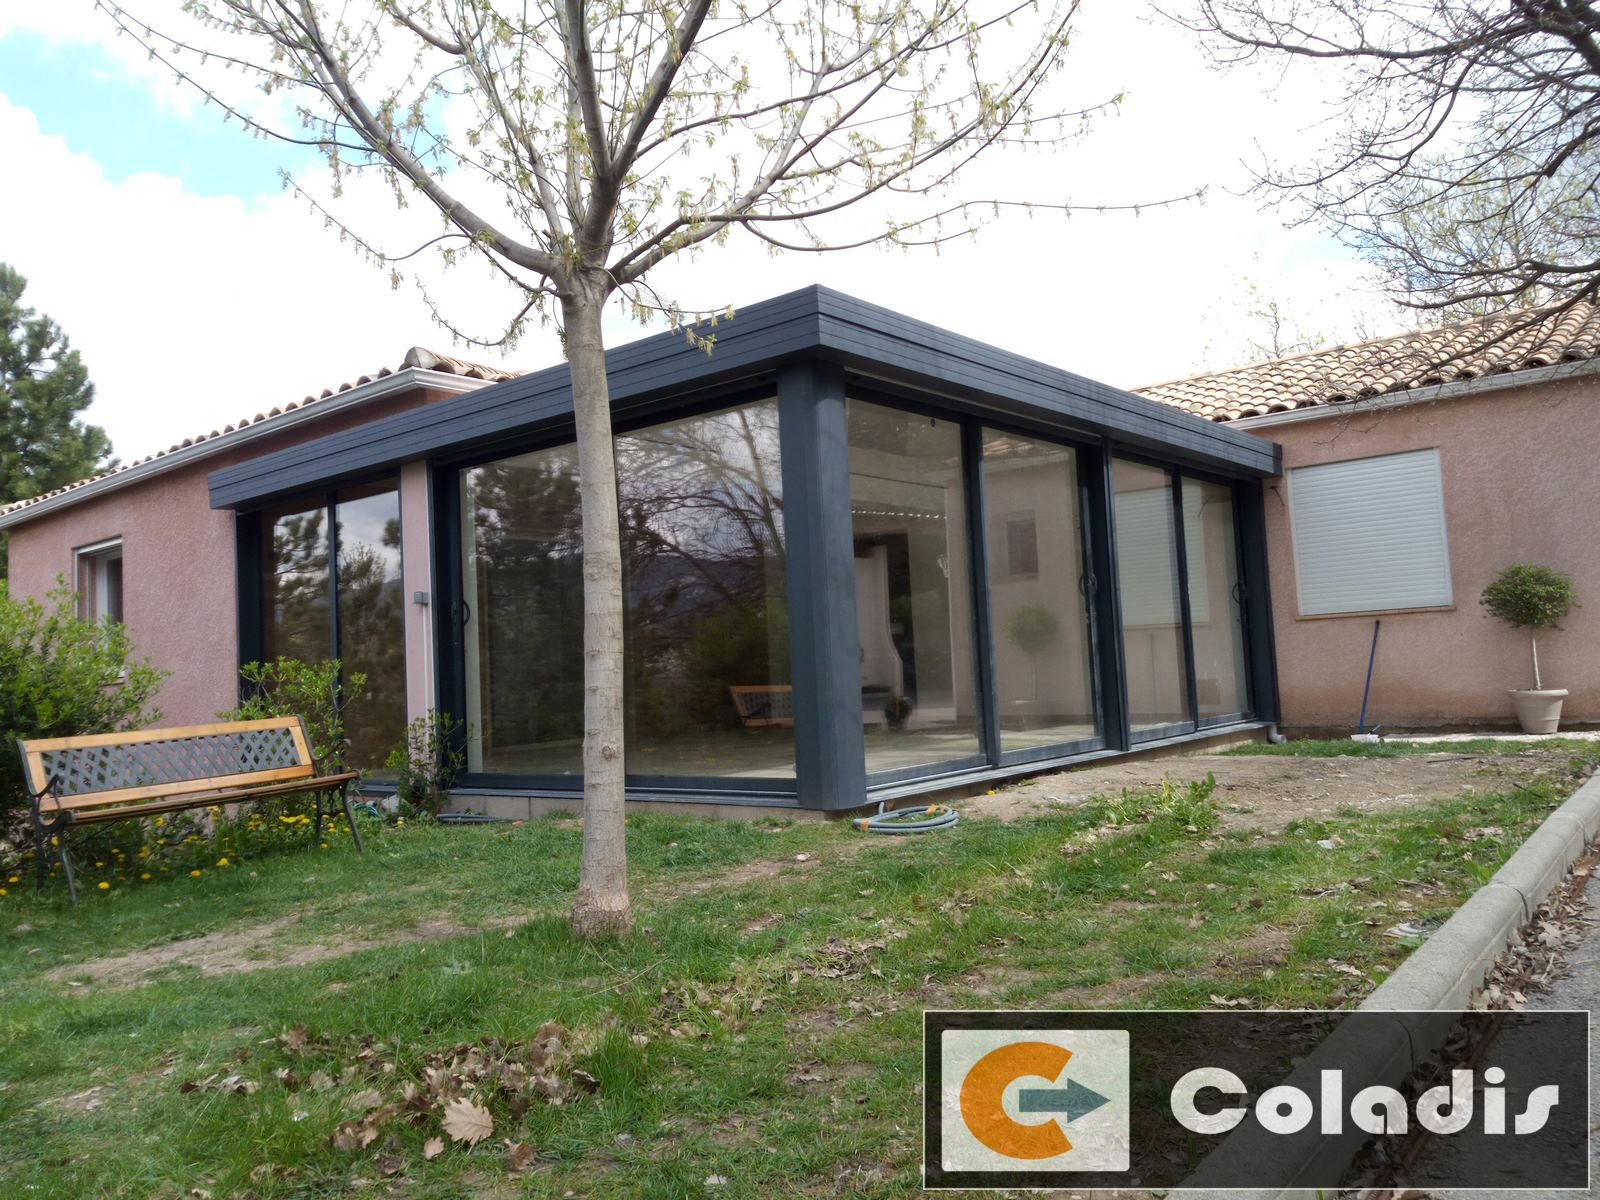 veranda coladis aluminium gris luxe